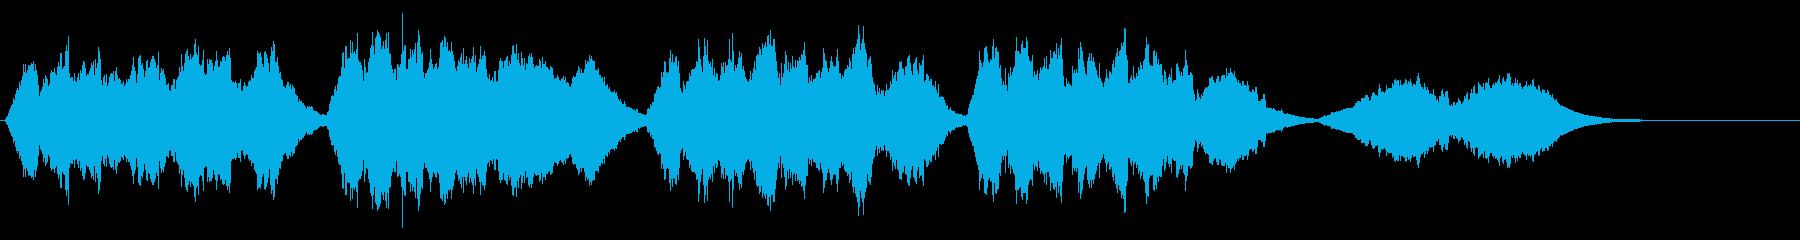 賛美歌/こよなくかしこし/弦楽四重奏の再生済みの波形